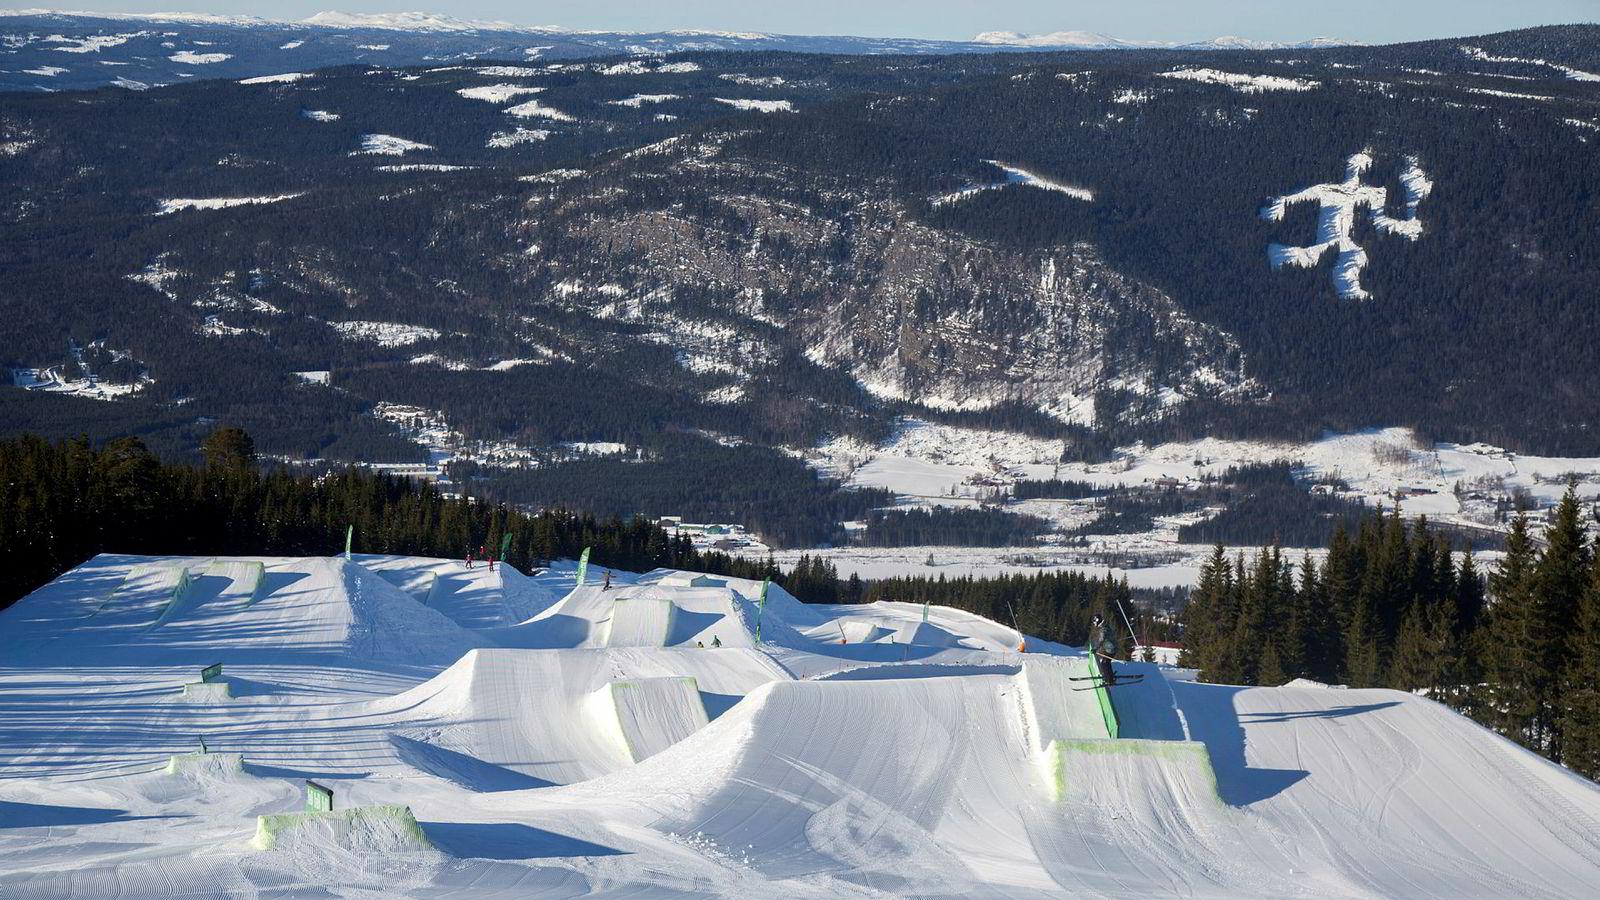 Med utsikt til fakkelmannen setter juniorlandslagets Tora Johansen skiene på tvers og sklir over en rail i Hafjells mest krevende terrengpark.